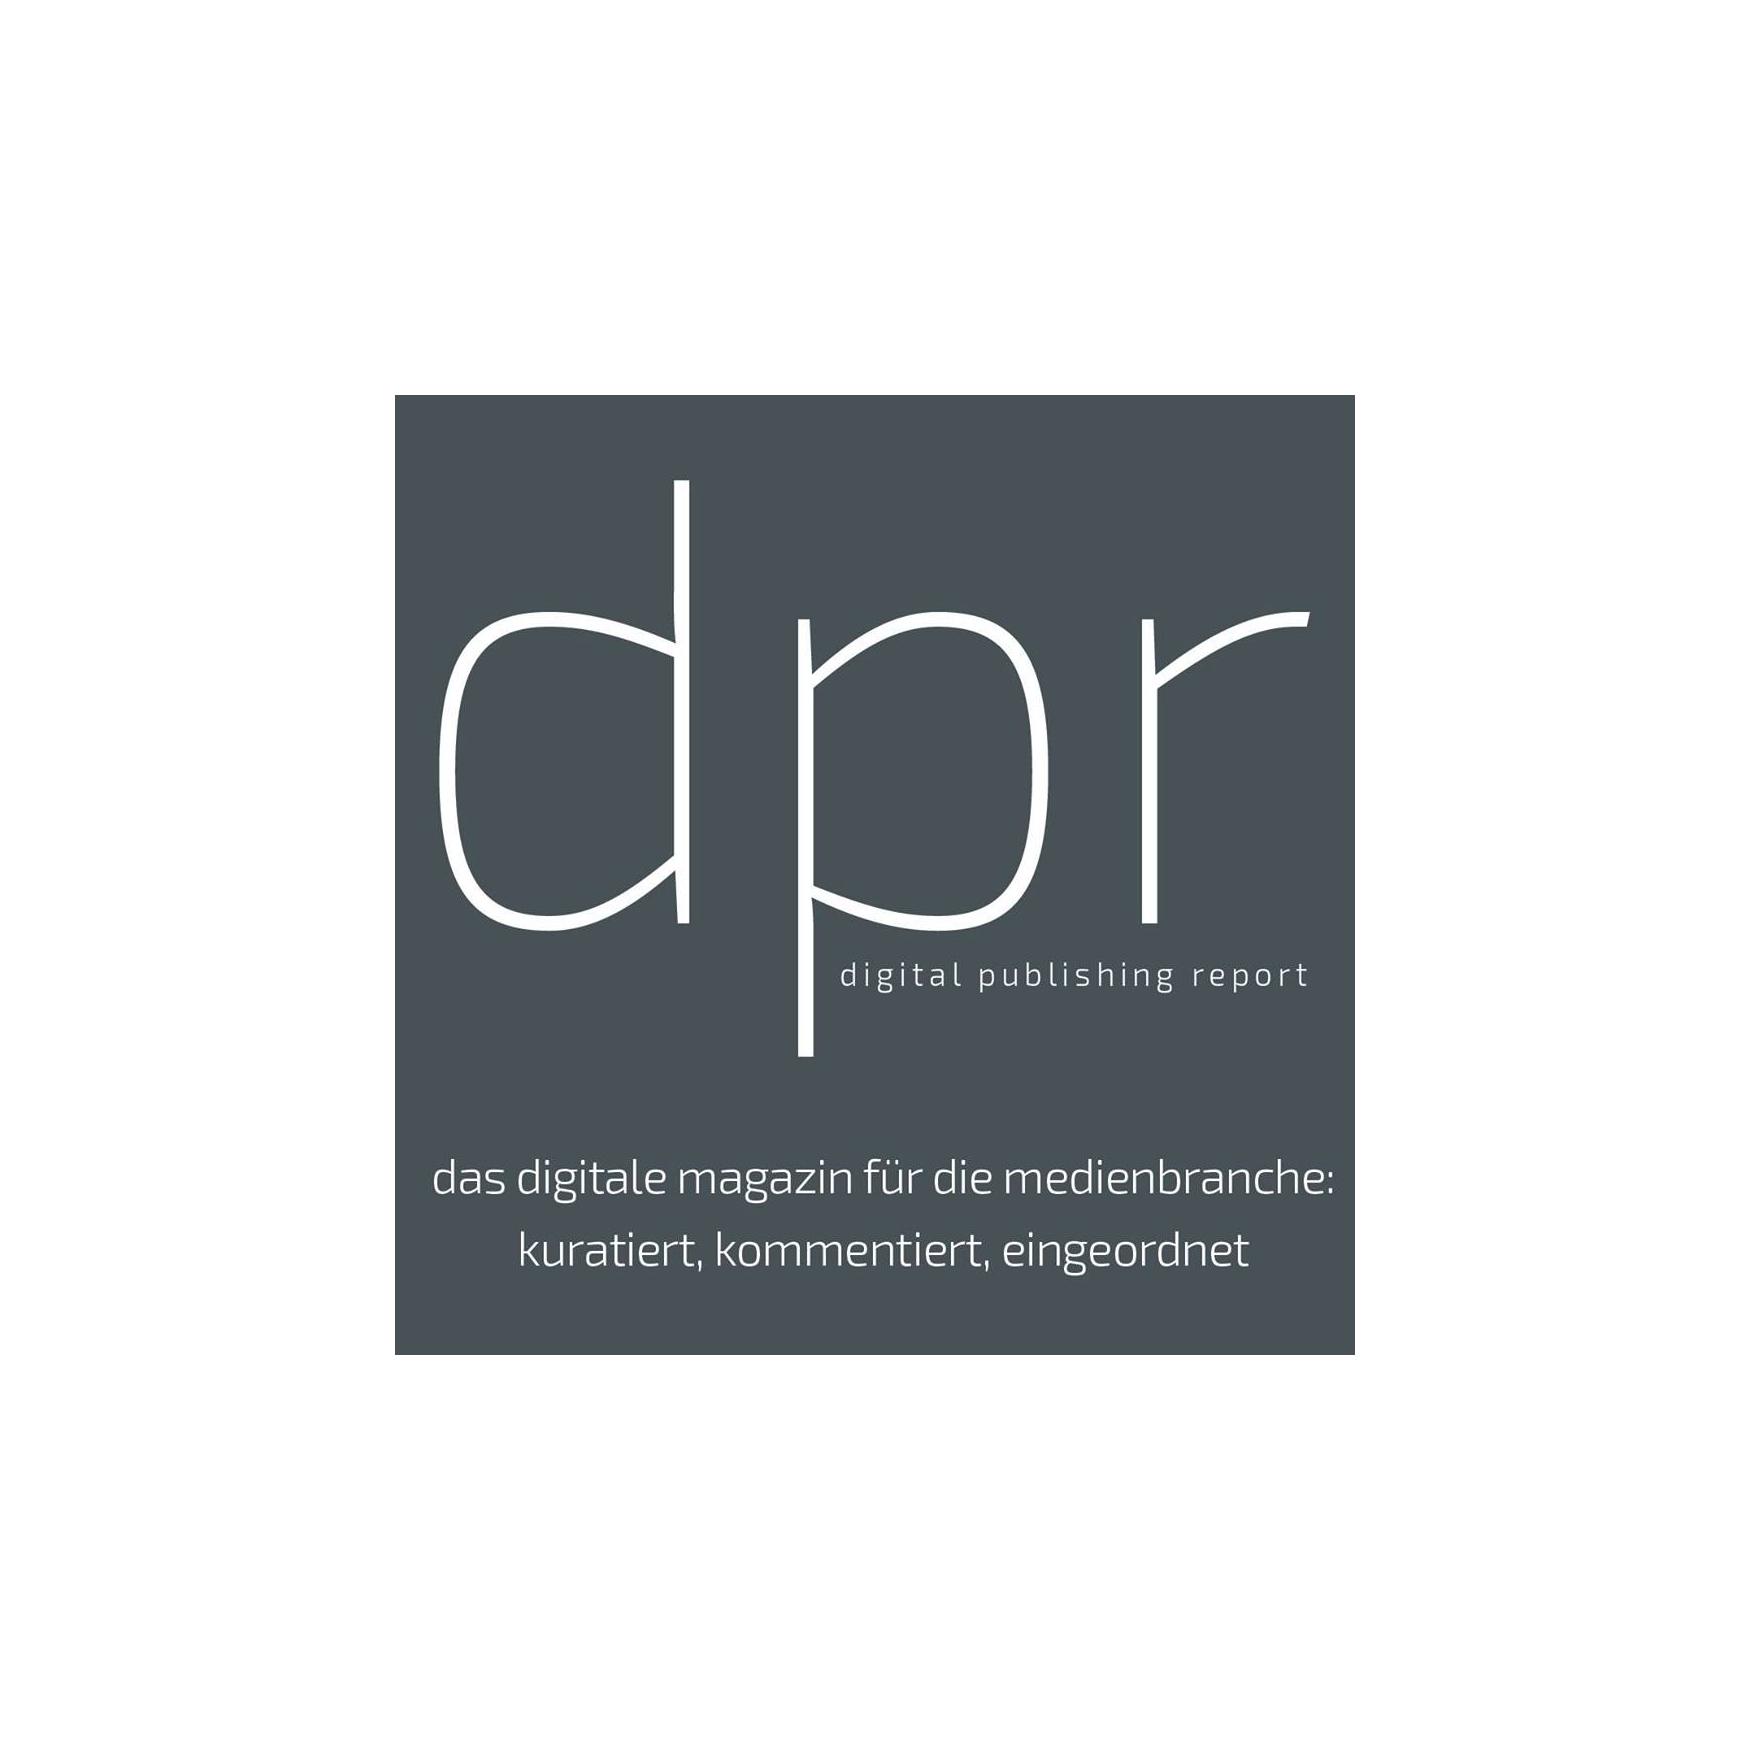 Digital publishing report - Infodienst für die Medienbranche